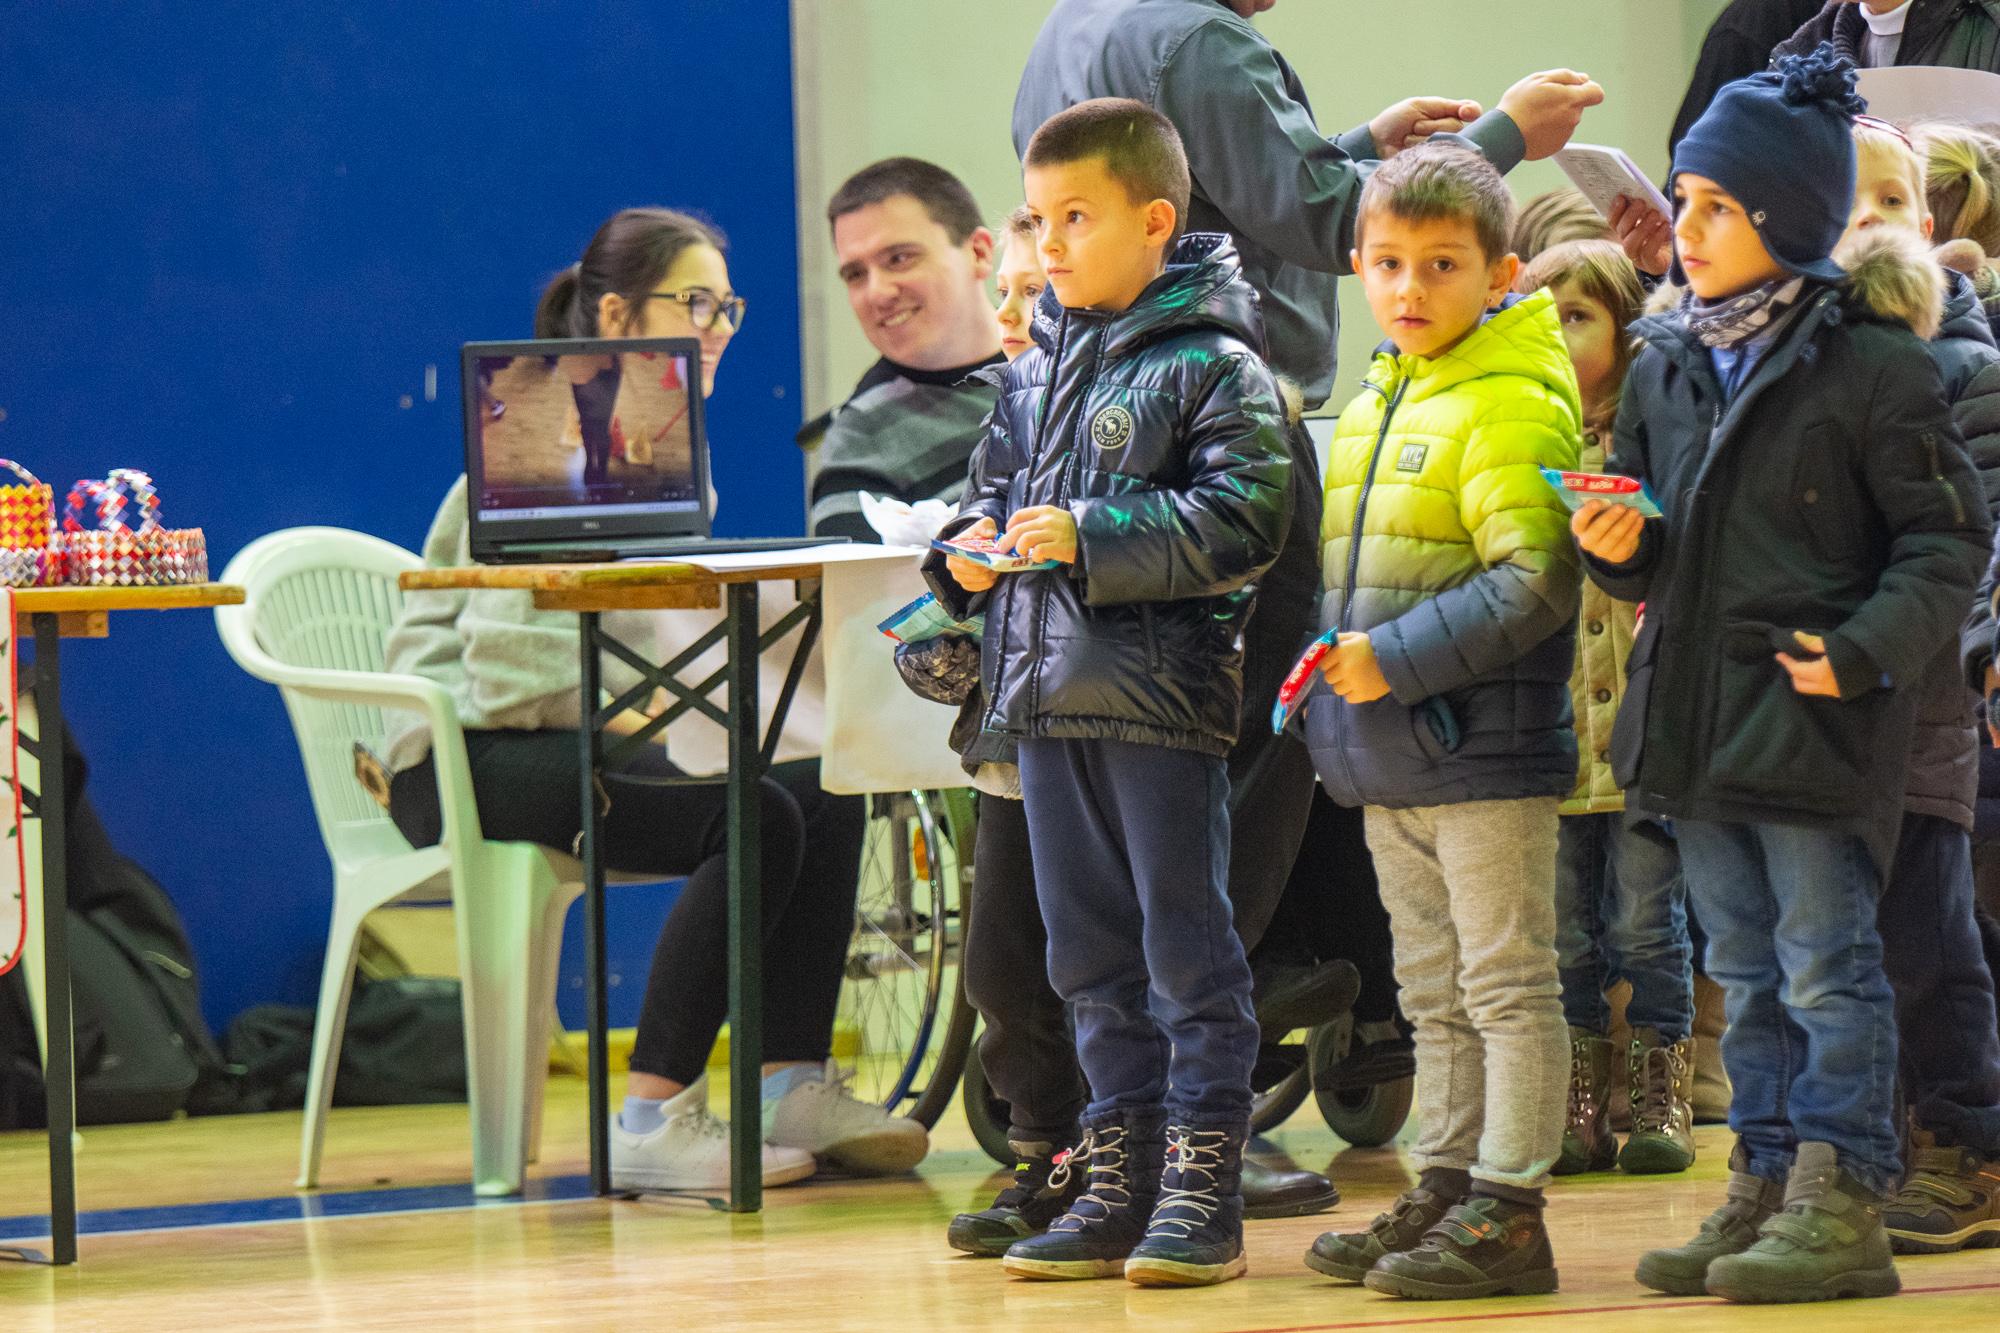 Web stranica za upoznavanje u Bugarskoj, SAD